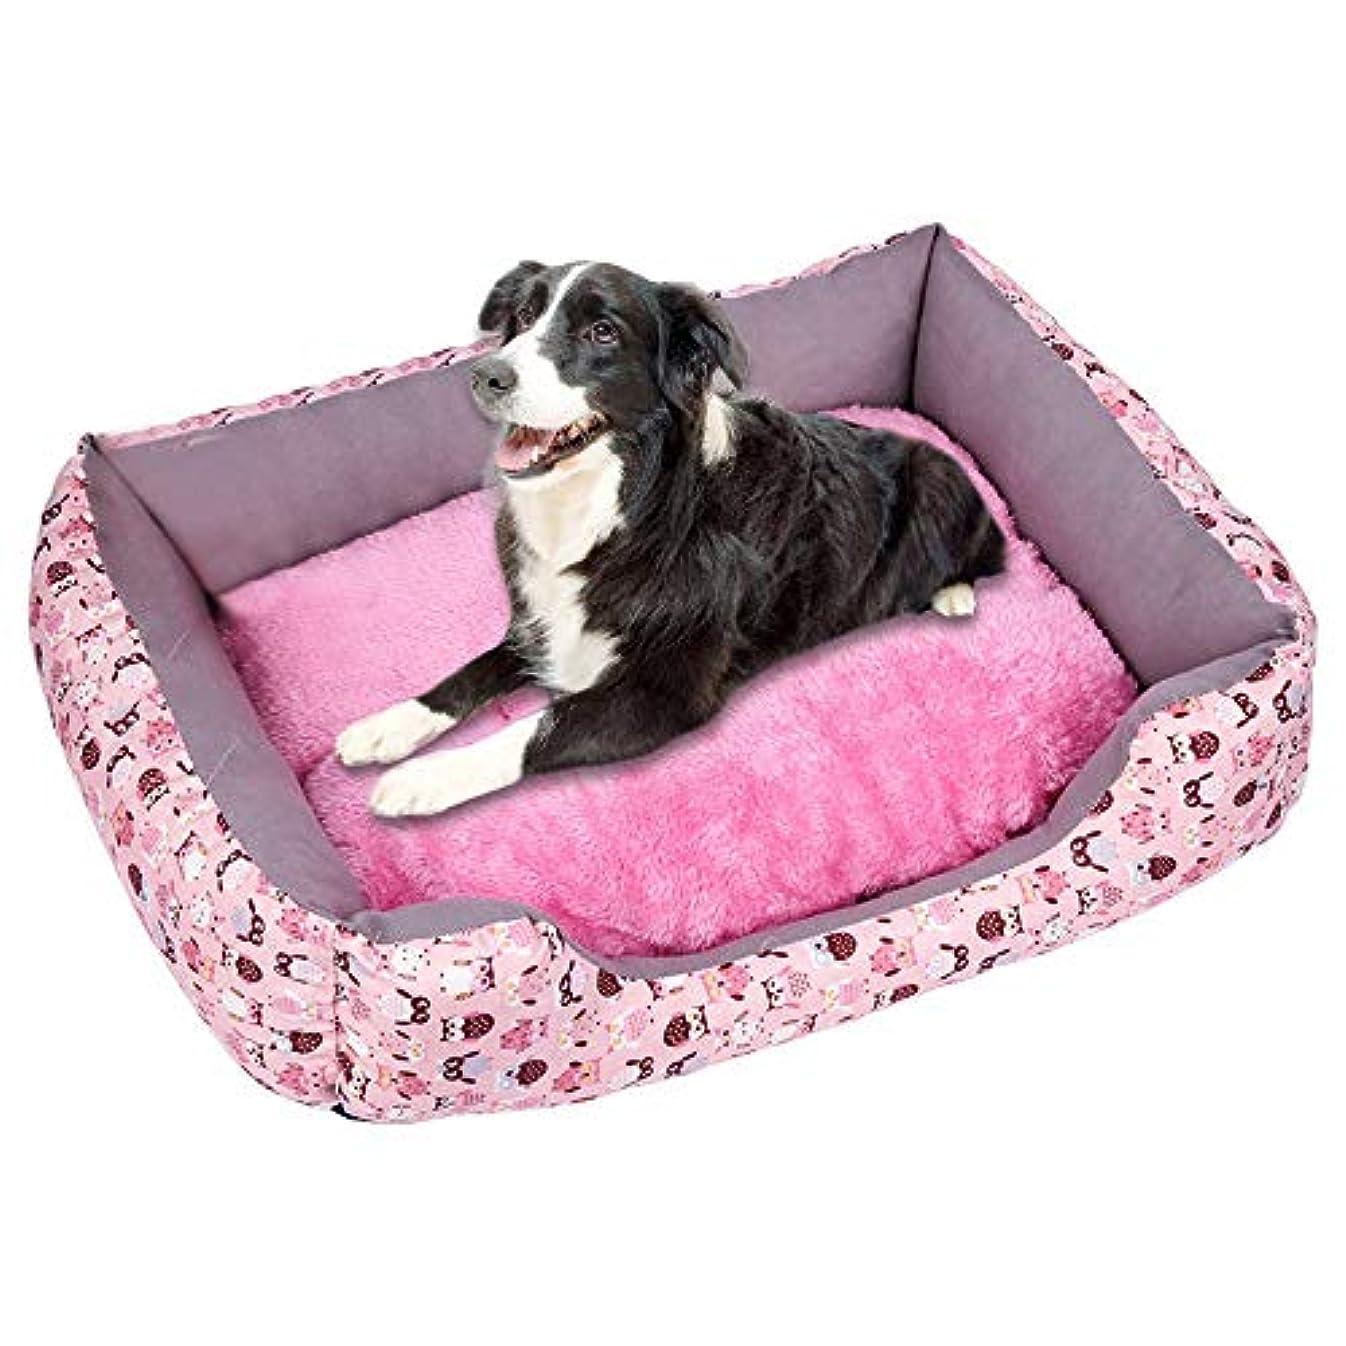 ランク誰も時折プラスベルベット肥厚ペットの巣 柔らかいペット犬猫ベッド子犬クッションハウスペットソフト暖かい犬小屋犬マットブランケット 犬小屋 ペットハウス ペットネスト 犬舎 柔らかくて温かく 快適で通気性があります (B, S)